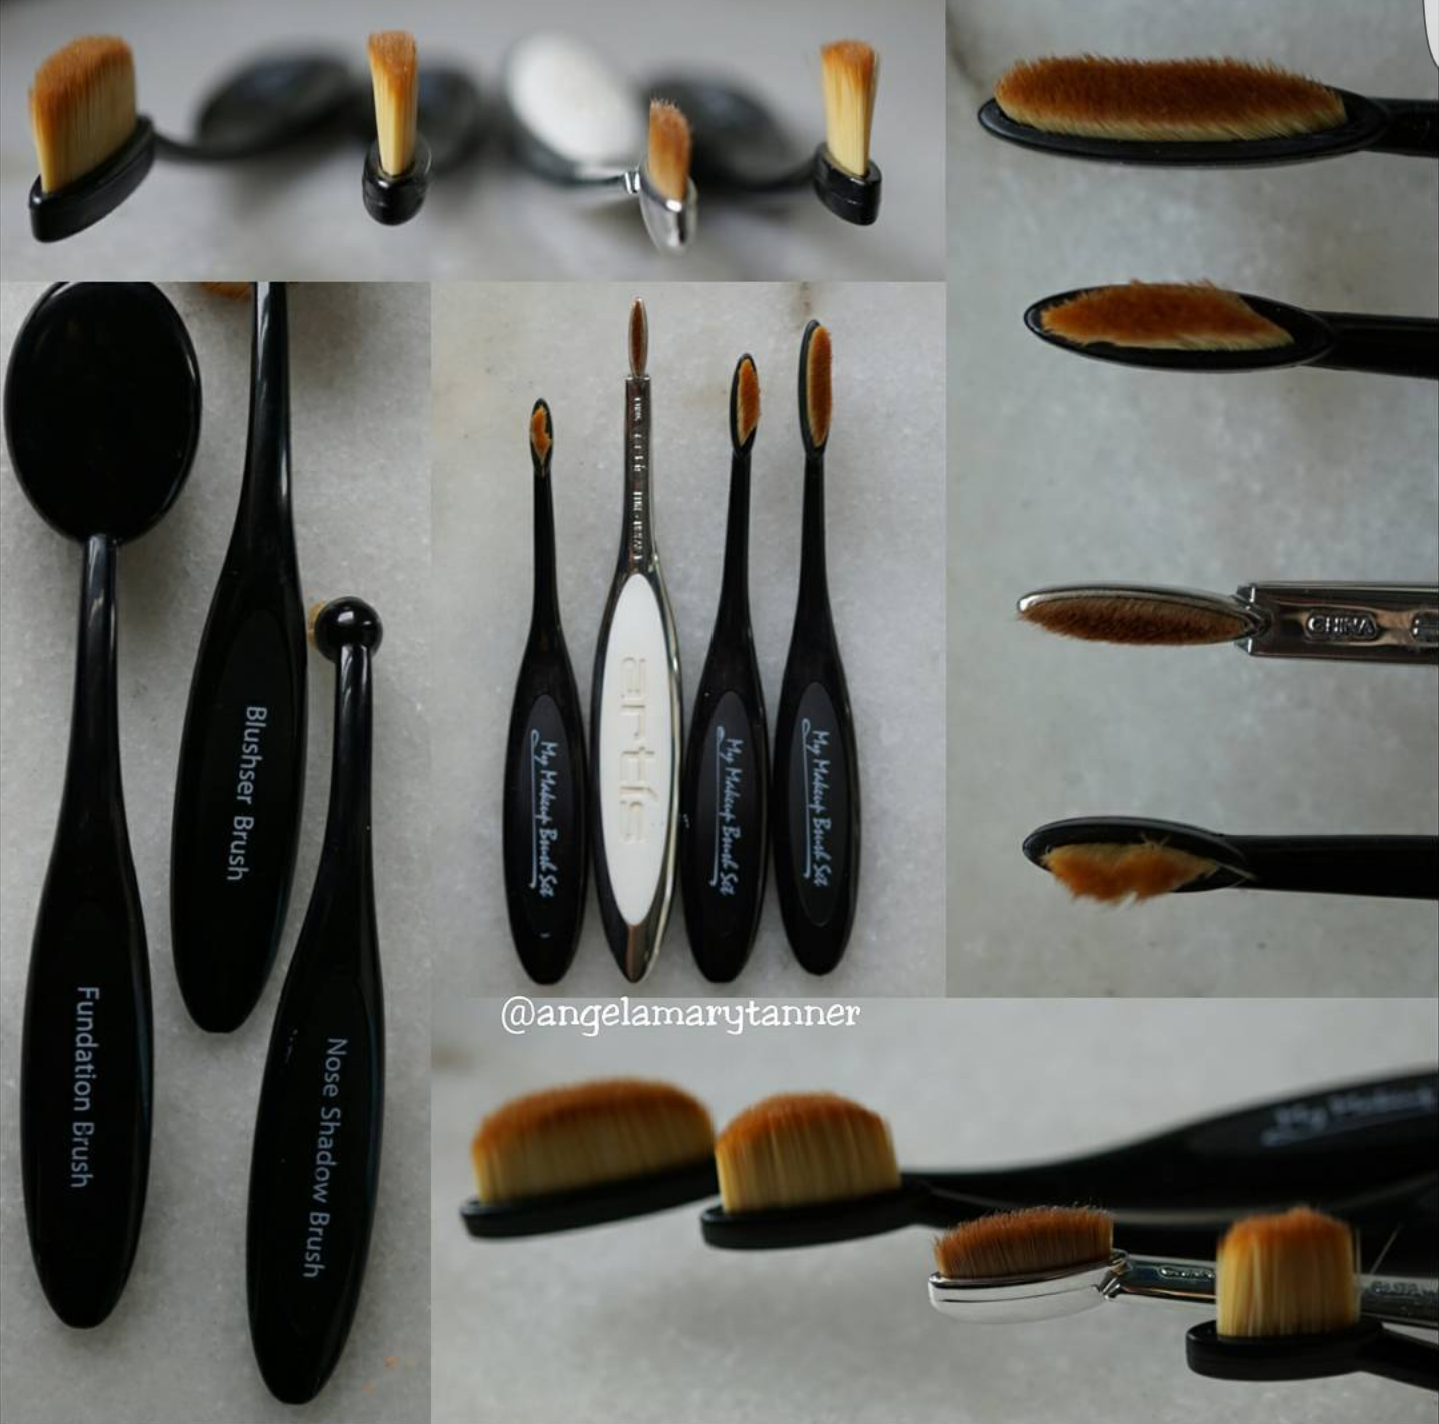 Artis brushes vs my makeup brush set for Brush craft vs artis